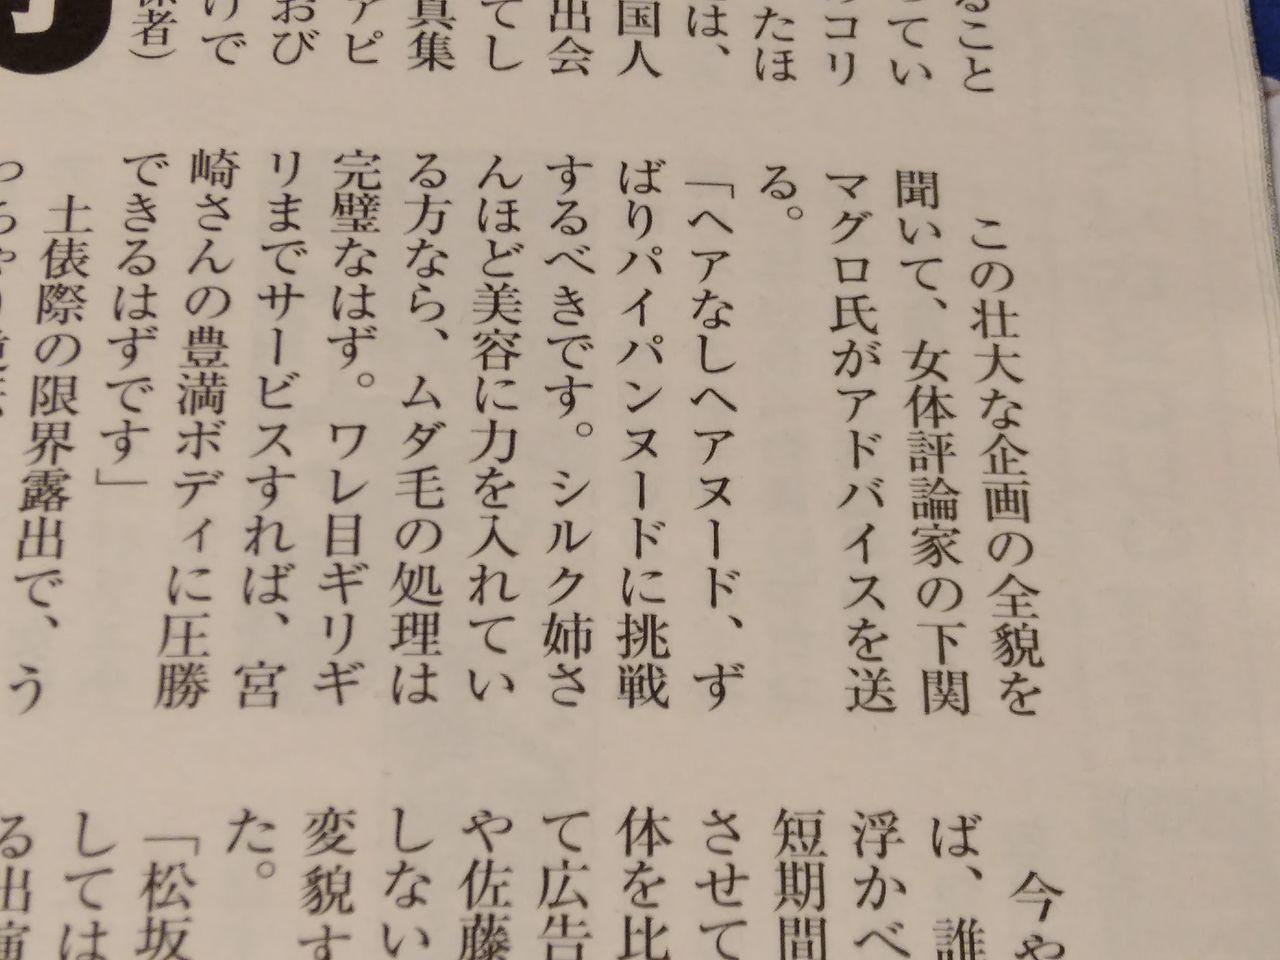 f:id:maguro1958:20210127180051j:plain